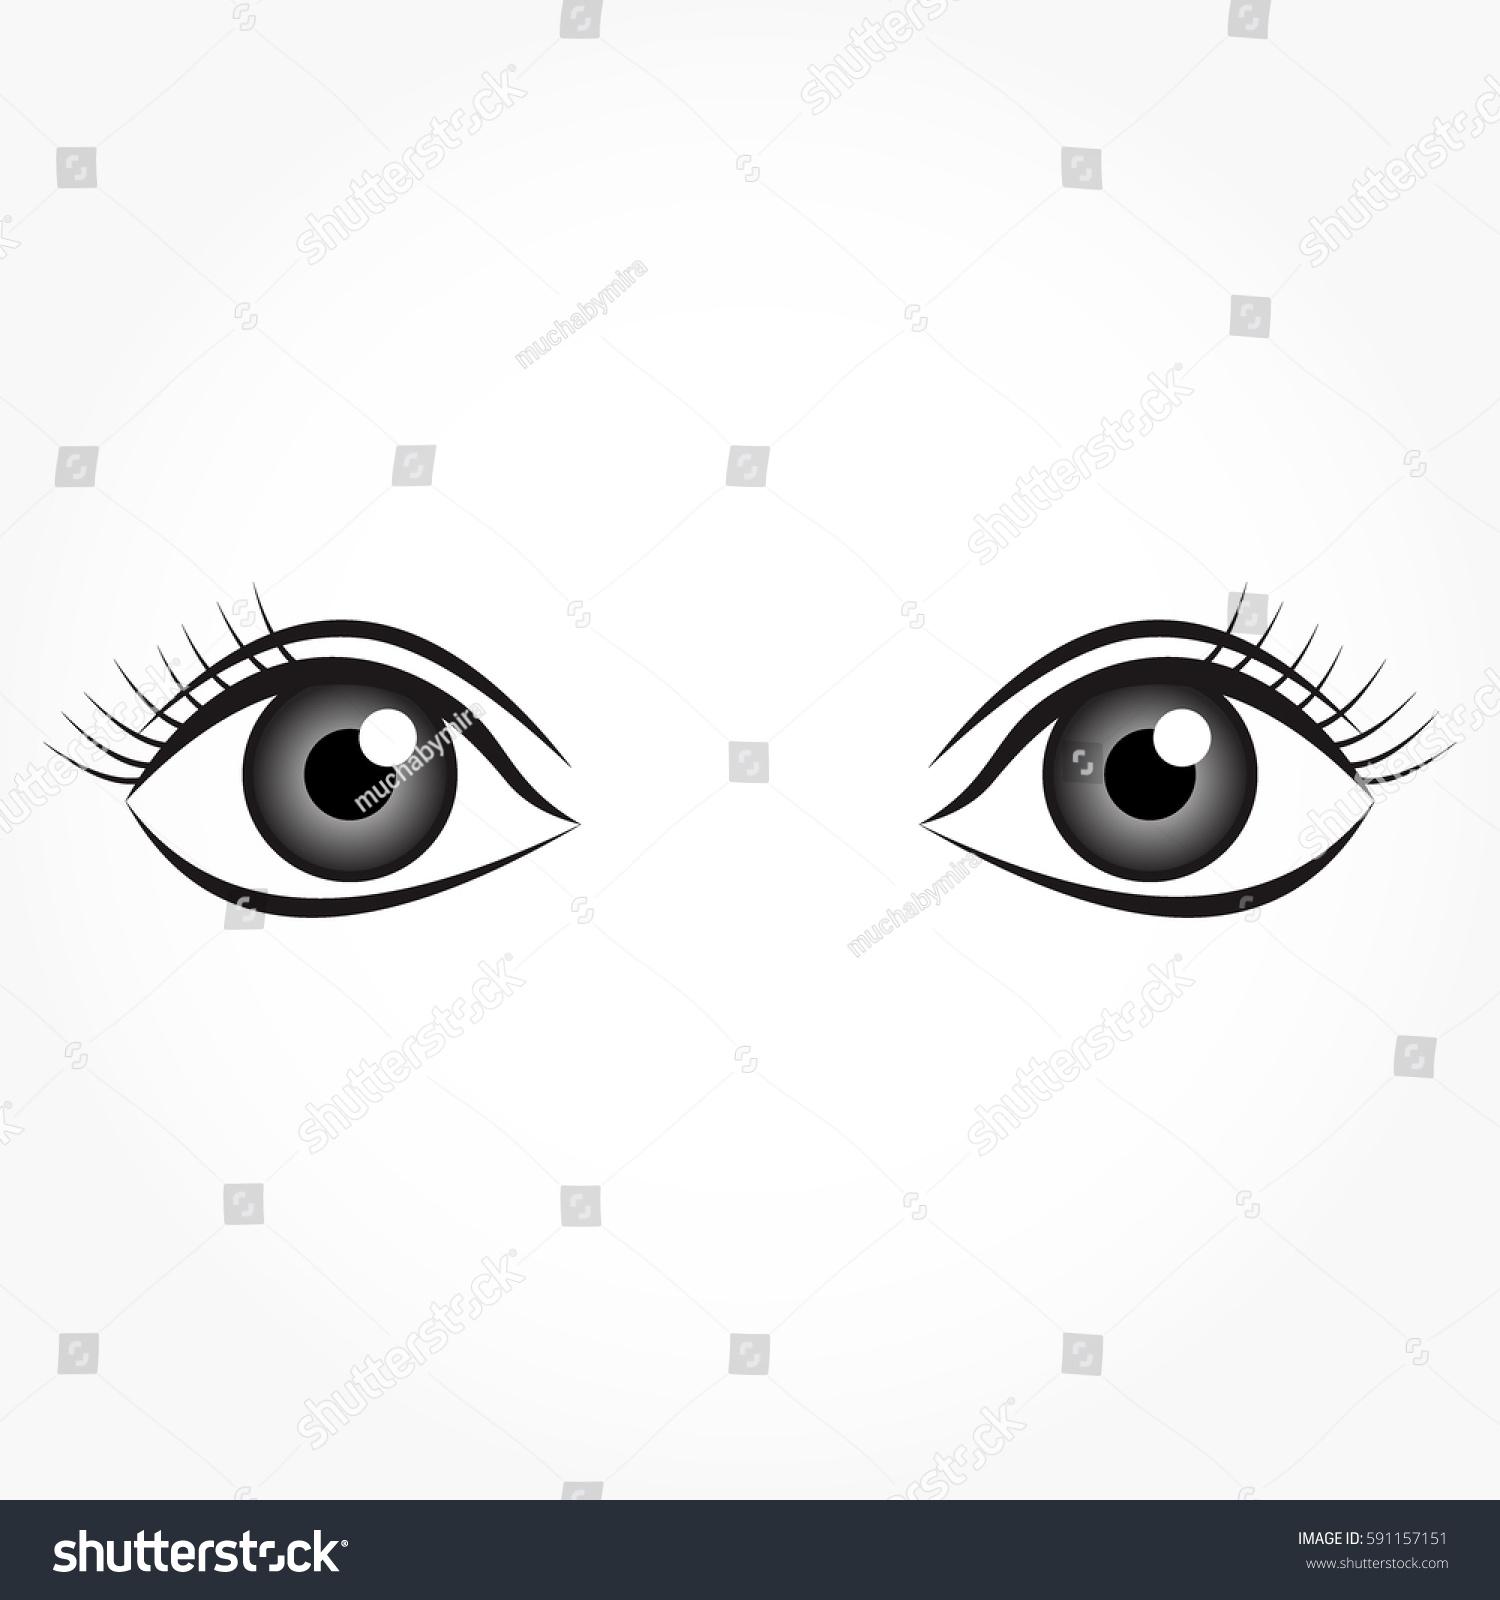 Cartoon Eyes Looking Up